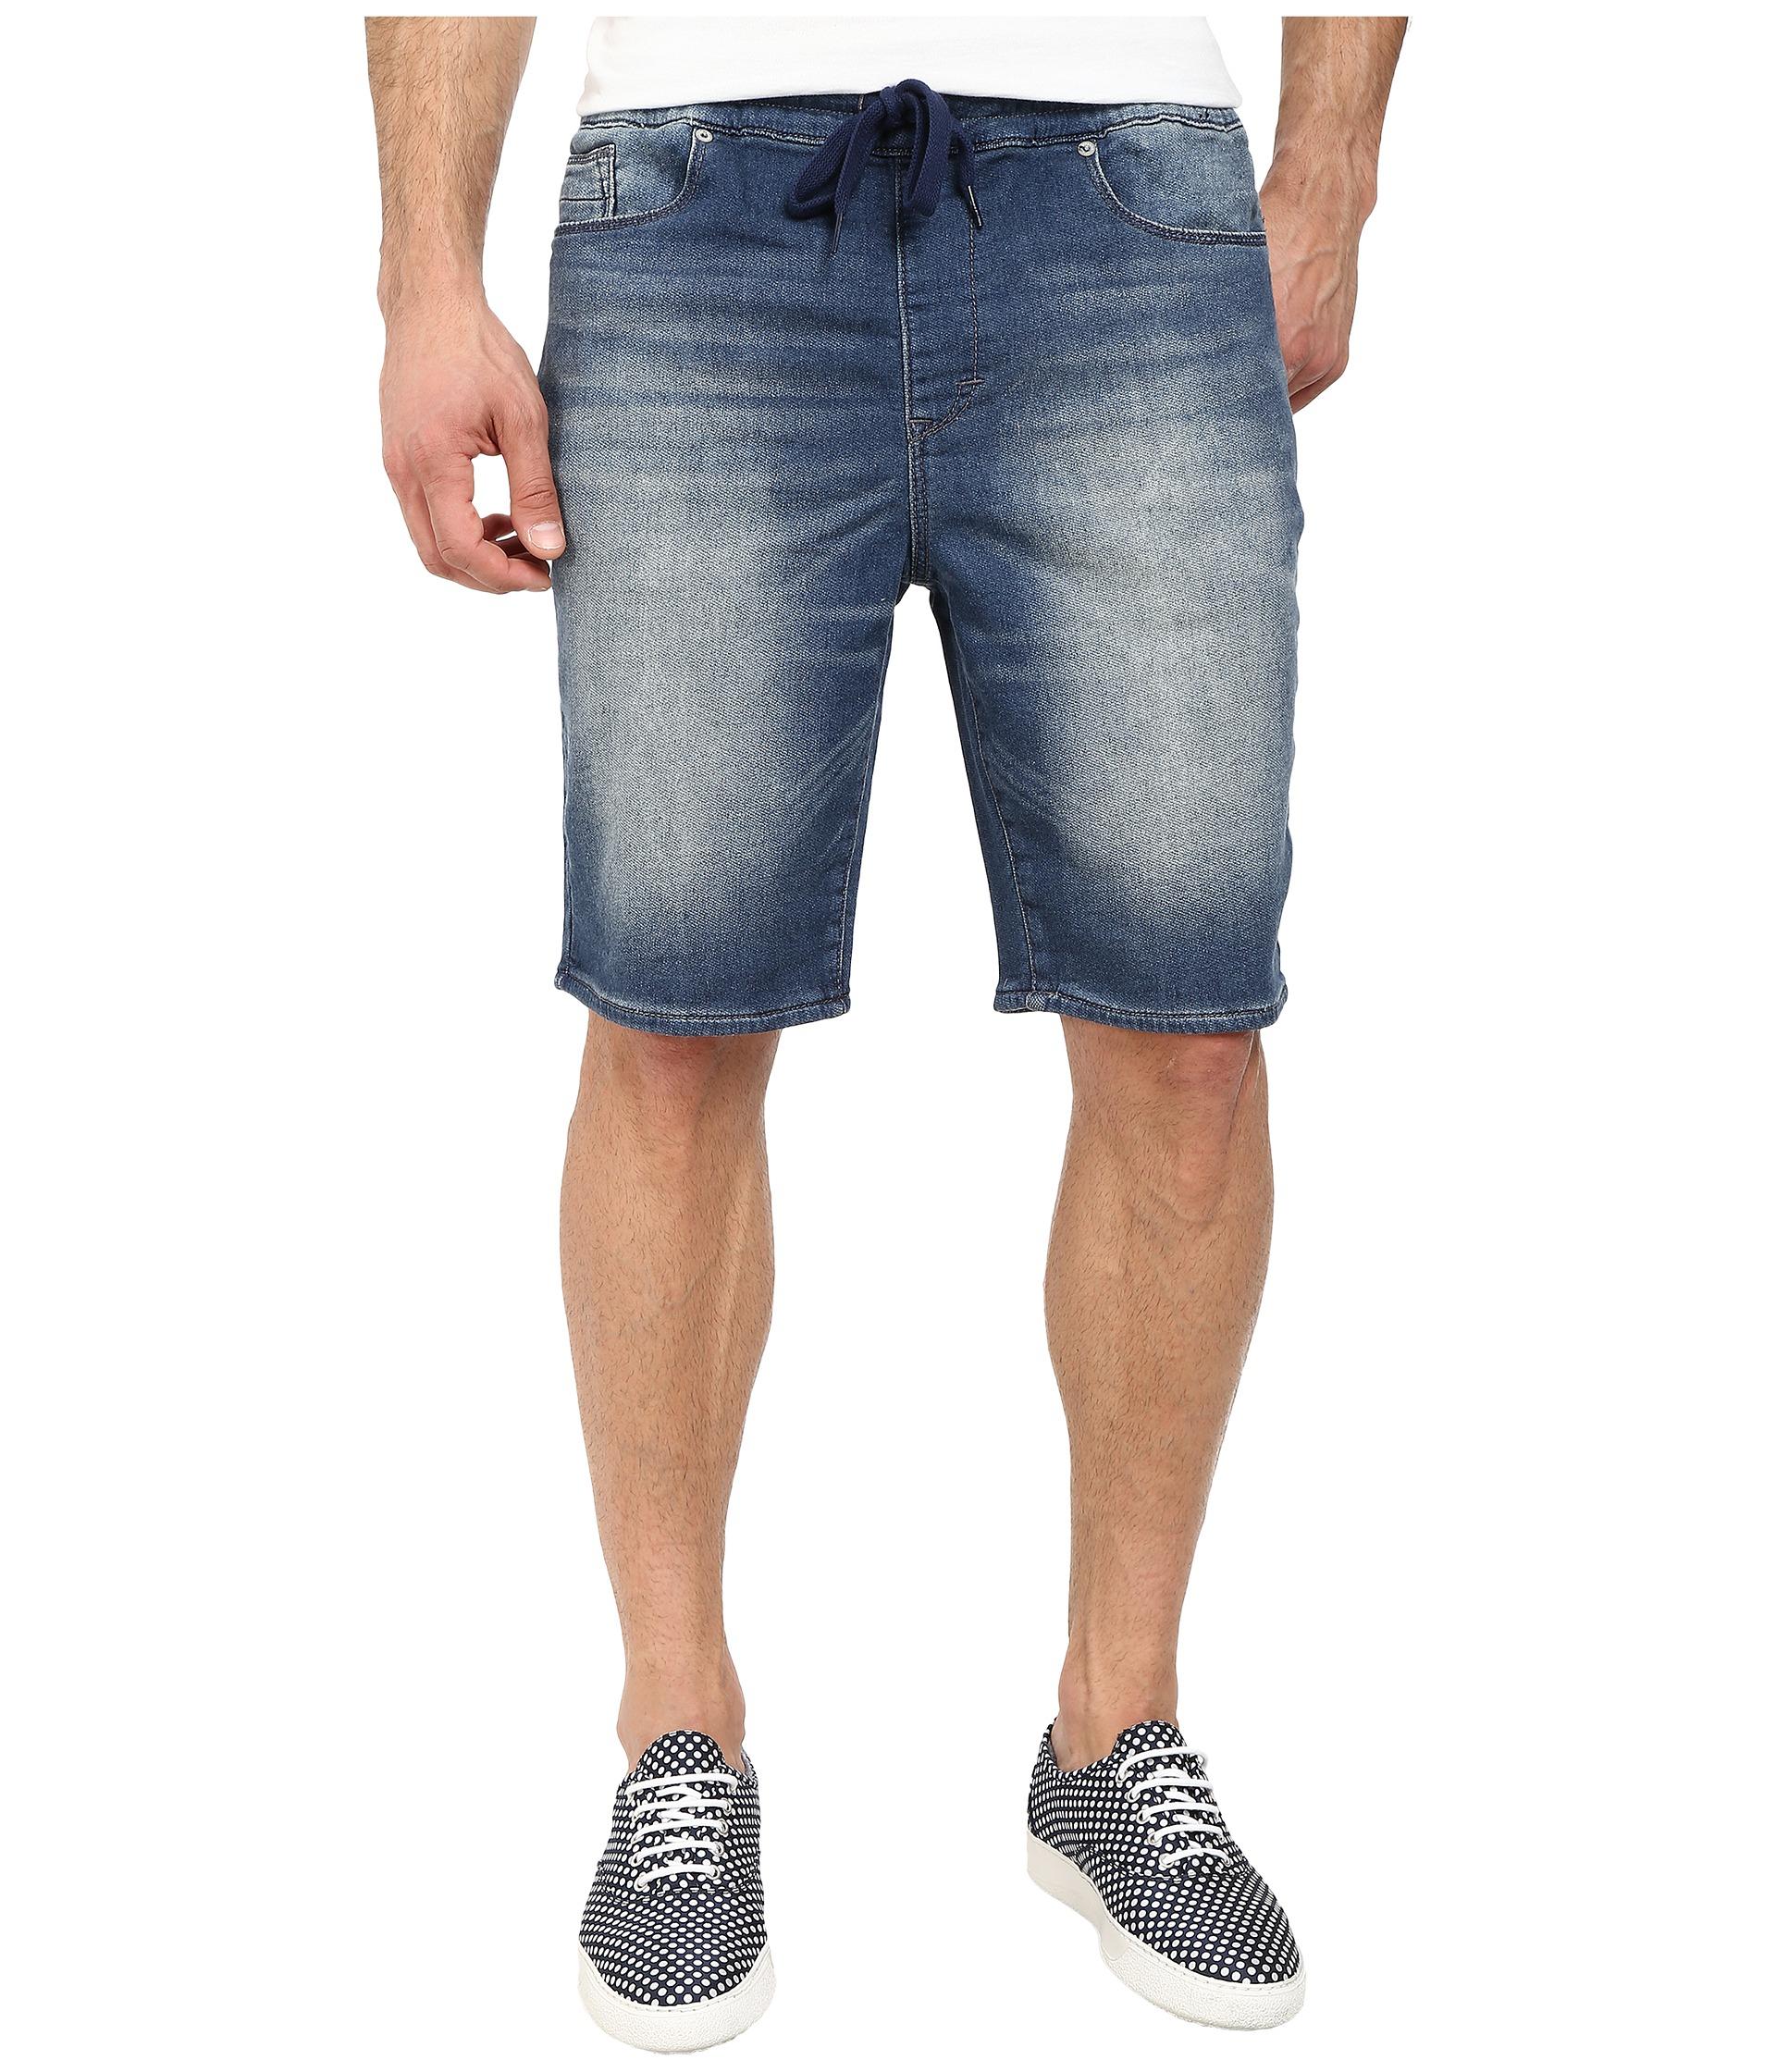 Dkny Knit Jogger Shorts - Stamina Medium Blue Wash In Medium ...